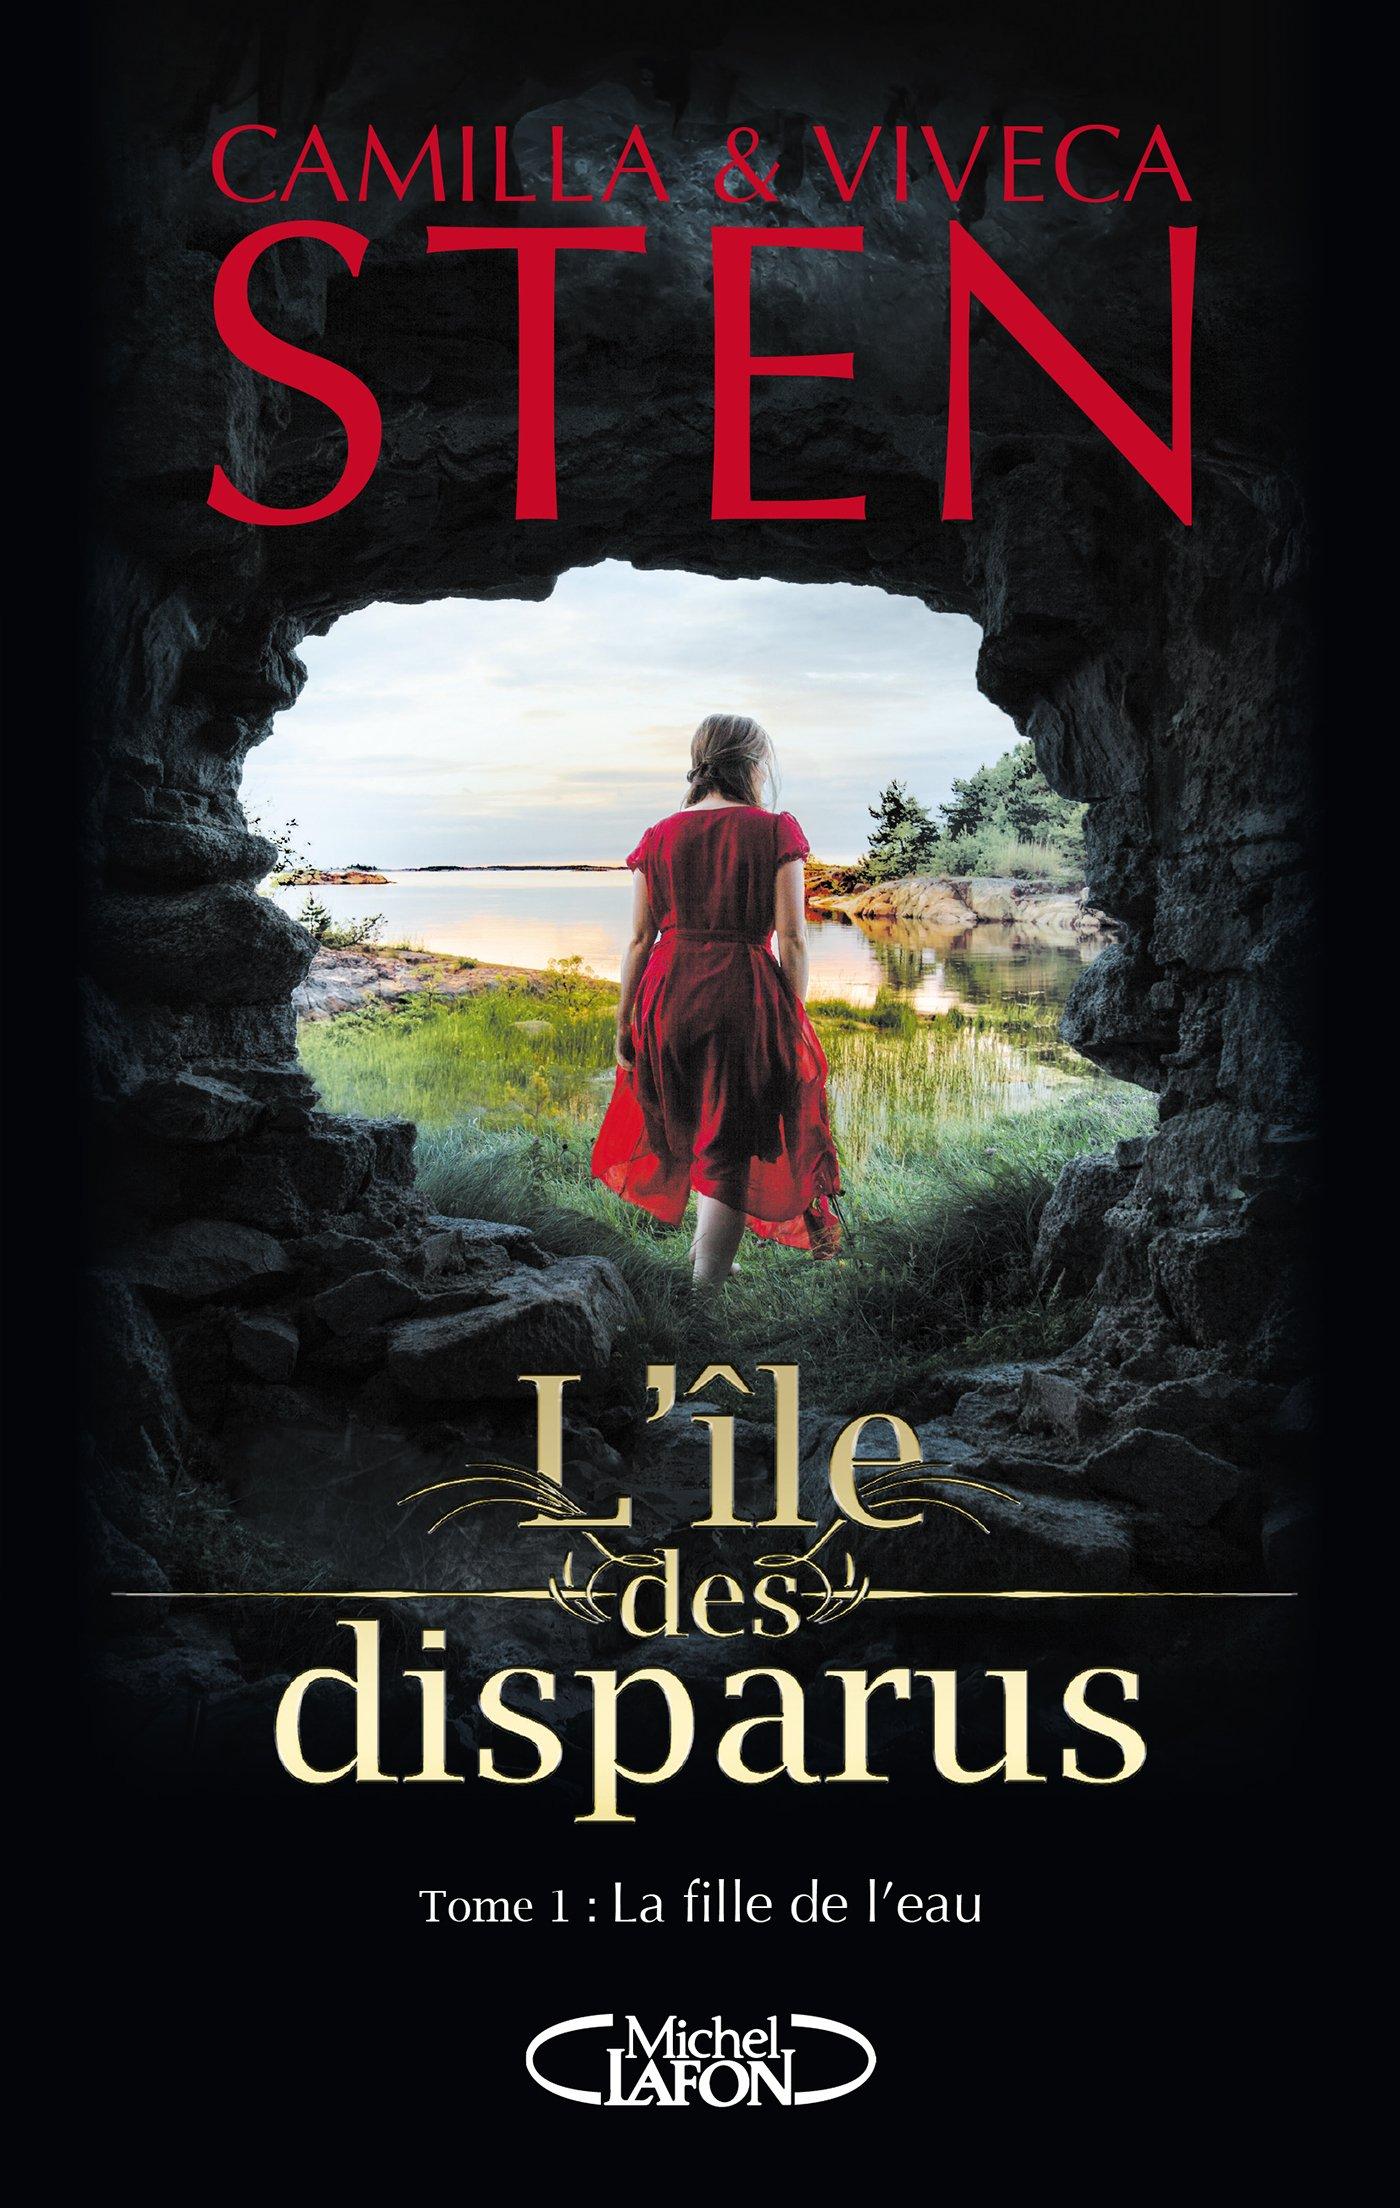 L'île des disparus - tome 1 La fille de l'eau por Camilla Sten